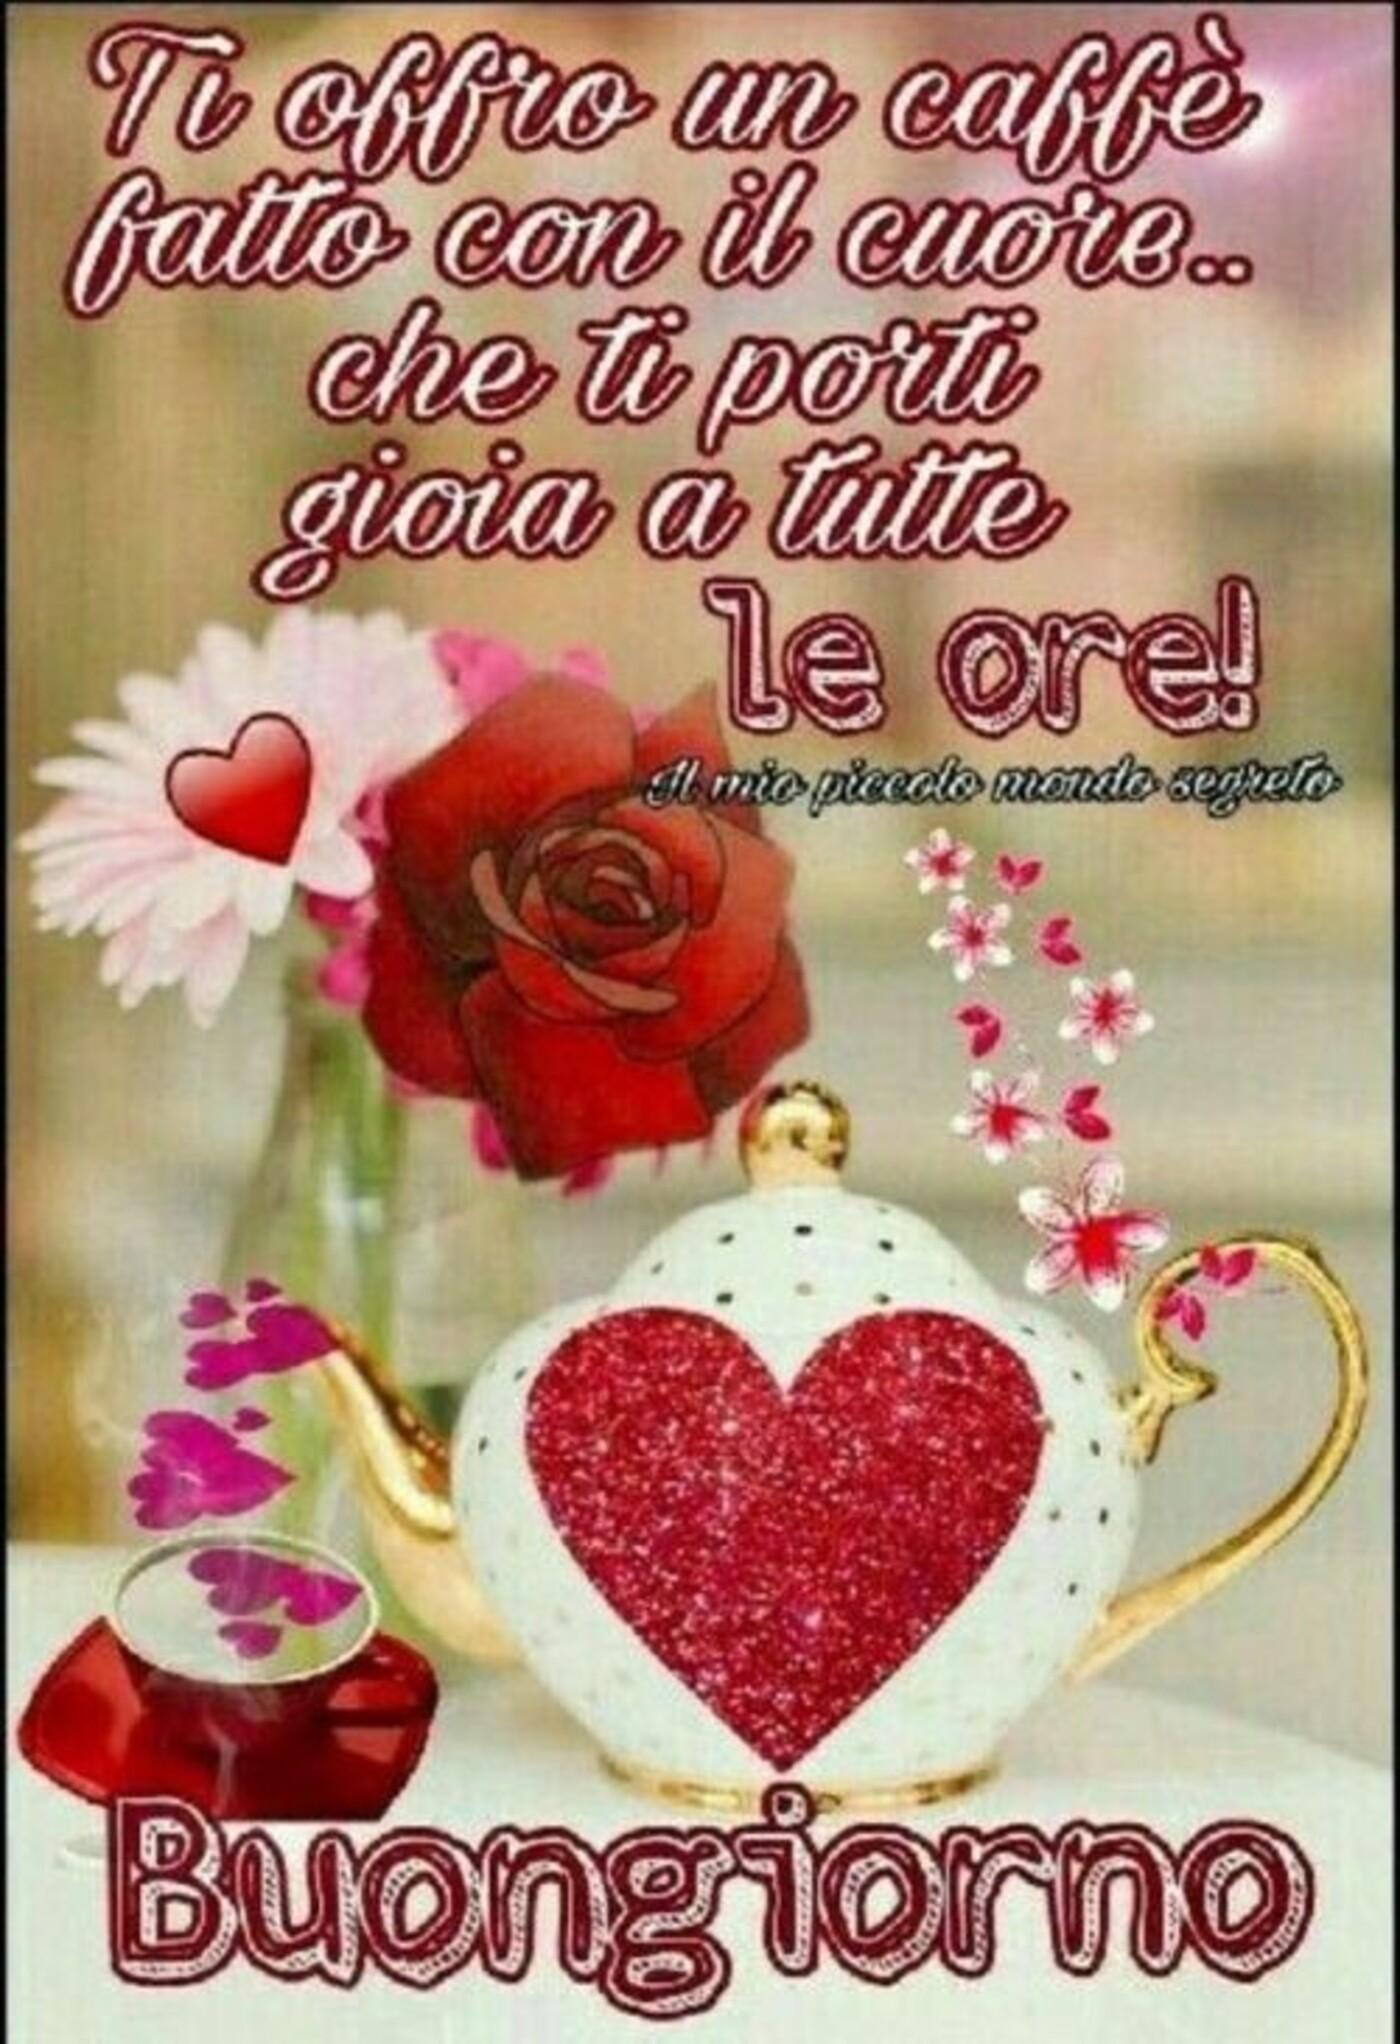 Ti offro un caffè fatto con il cuore... che ti porti gioia a tutte le ore! Buongiorno